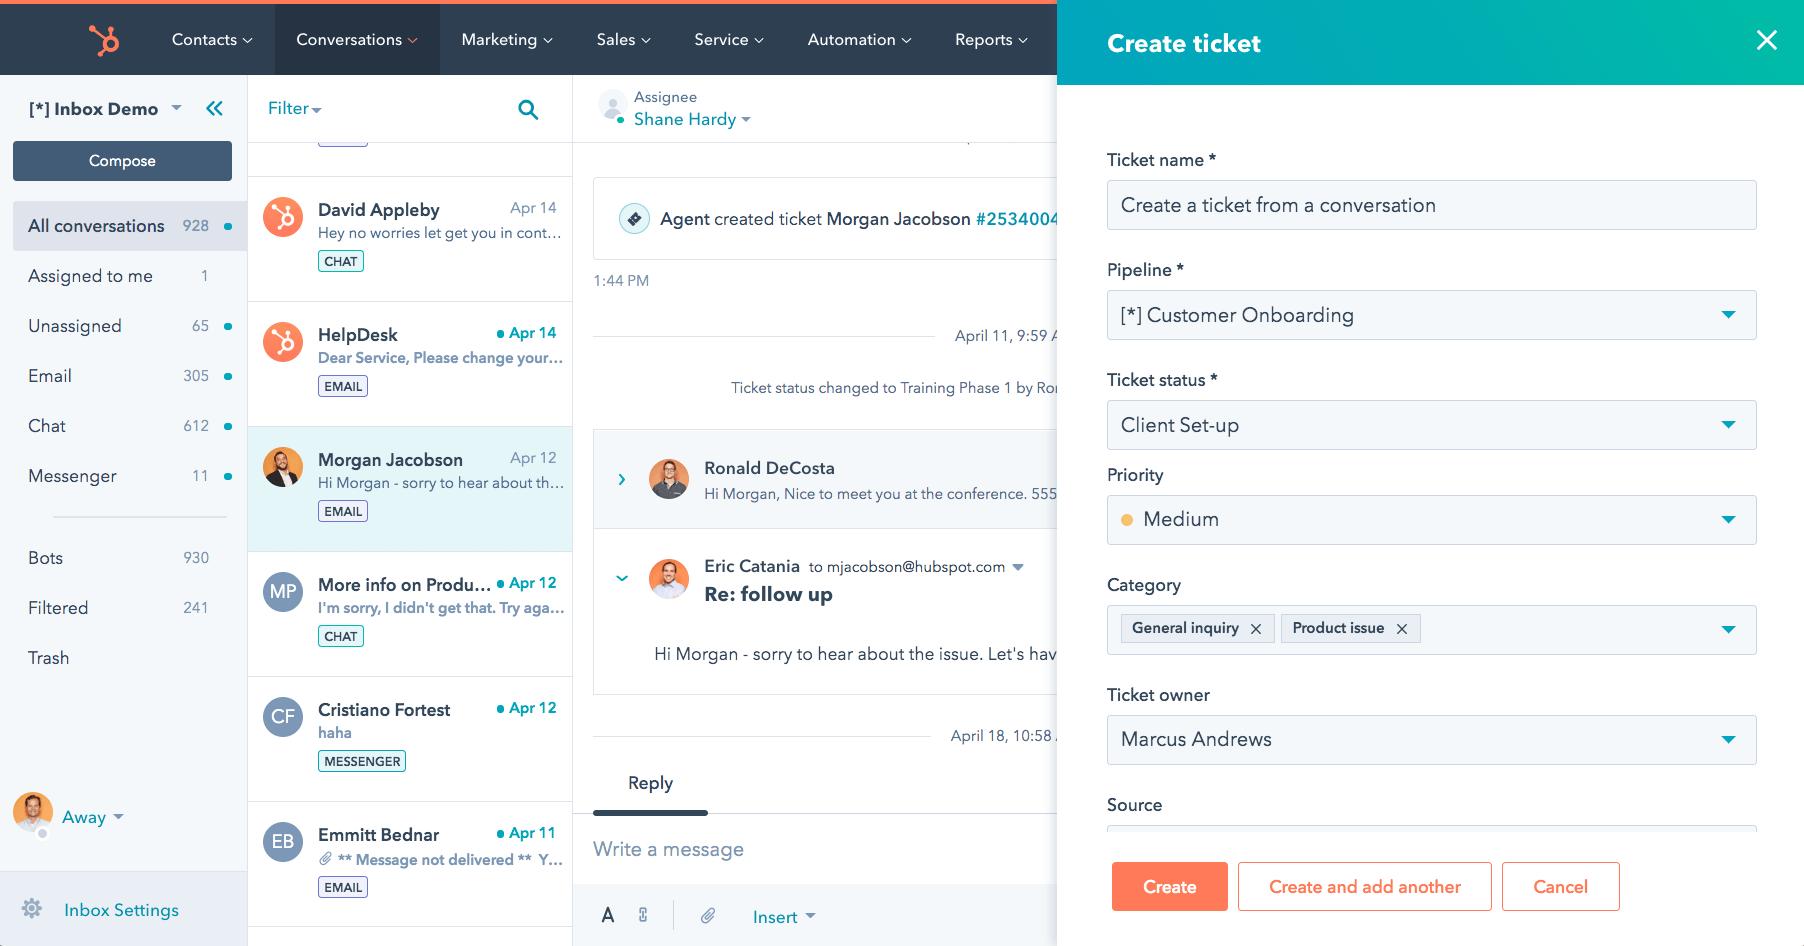 HUbSpot Service Hub Overview